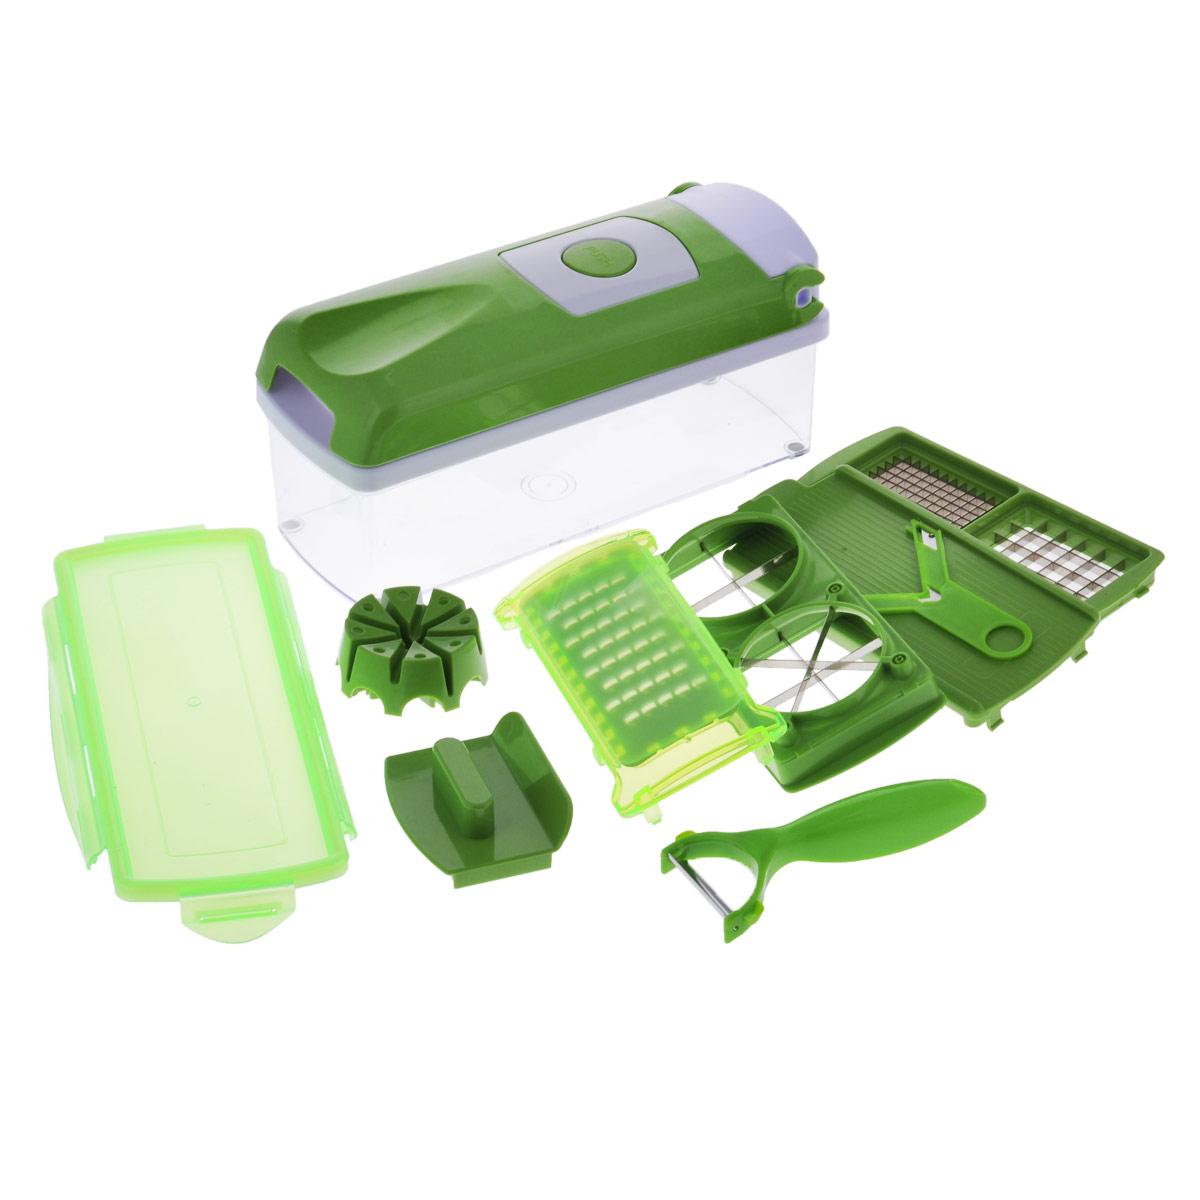 Овощерезка Nicer-Dicer - это многофункциональный прибор, который поможет быстро  нарезать фрукты и овощи.  В комплекте:  - лезвие для нарезки кольцами,  - насадка для нарезания кольцами,  - защитный кожух для насадок,  - профессиональная овощечистка,  - защитное приспособление для удержания продукта,  - устройство для проталкивания продукта,  - вкладыш для нарезки,  - крышка с механизмом измельчения,  - прозрачный контейнер для хранения и сбора объемом 1,5 л.,  - контейнеры для сбора,  - вкладыш для нарезки 2 шт, - книга рецептов.   Такой набор поможет без труда нарезать продукты кубиками, ломтиками или соломкой.   Предметы набора можно мыть в посудомоечной машине.  Размер контейнера: 27 см х 10 см х 8 см. Длина овощечистки: 15 см. Длина лезвия овощечистки: 5 см.